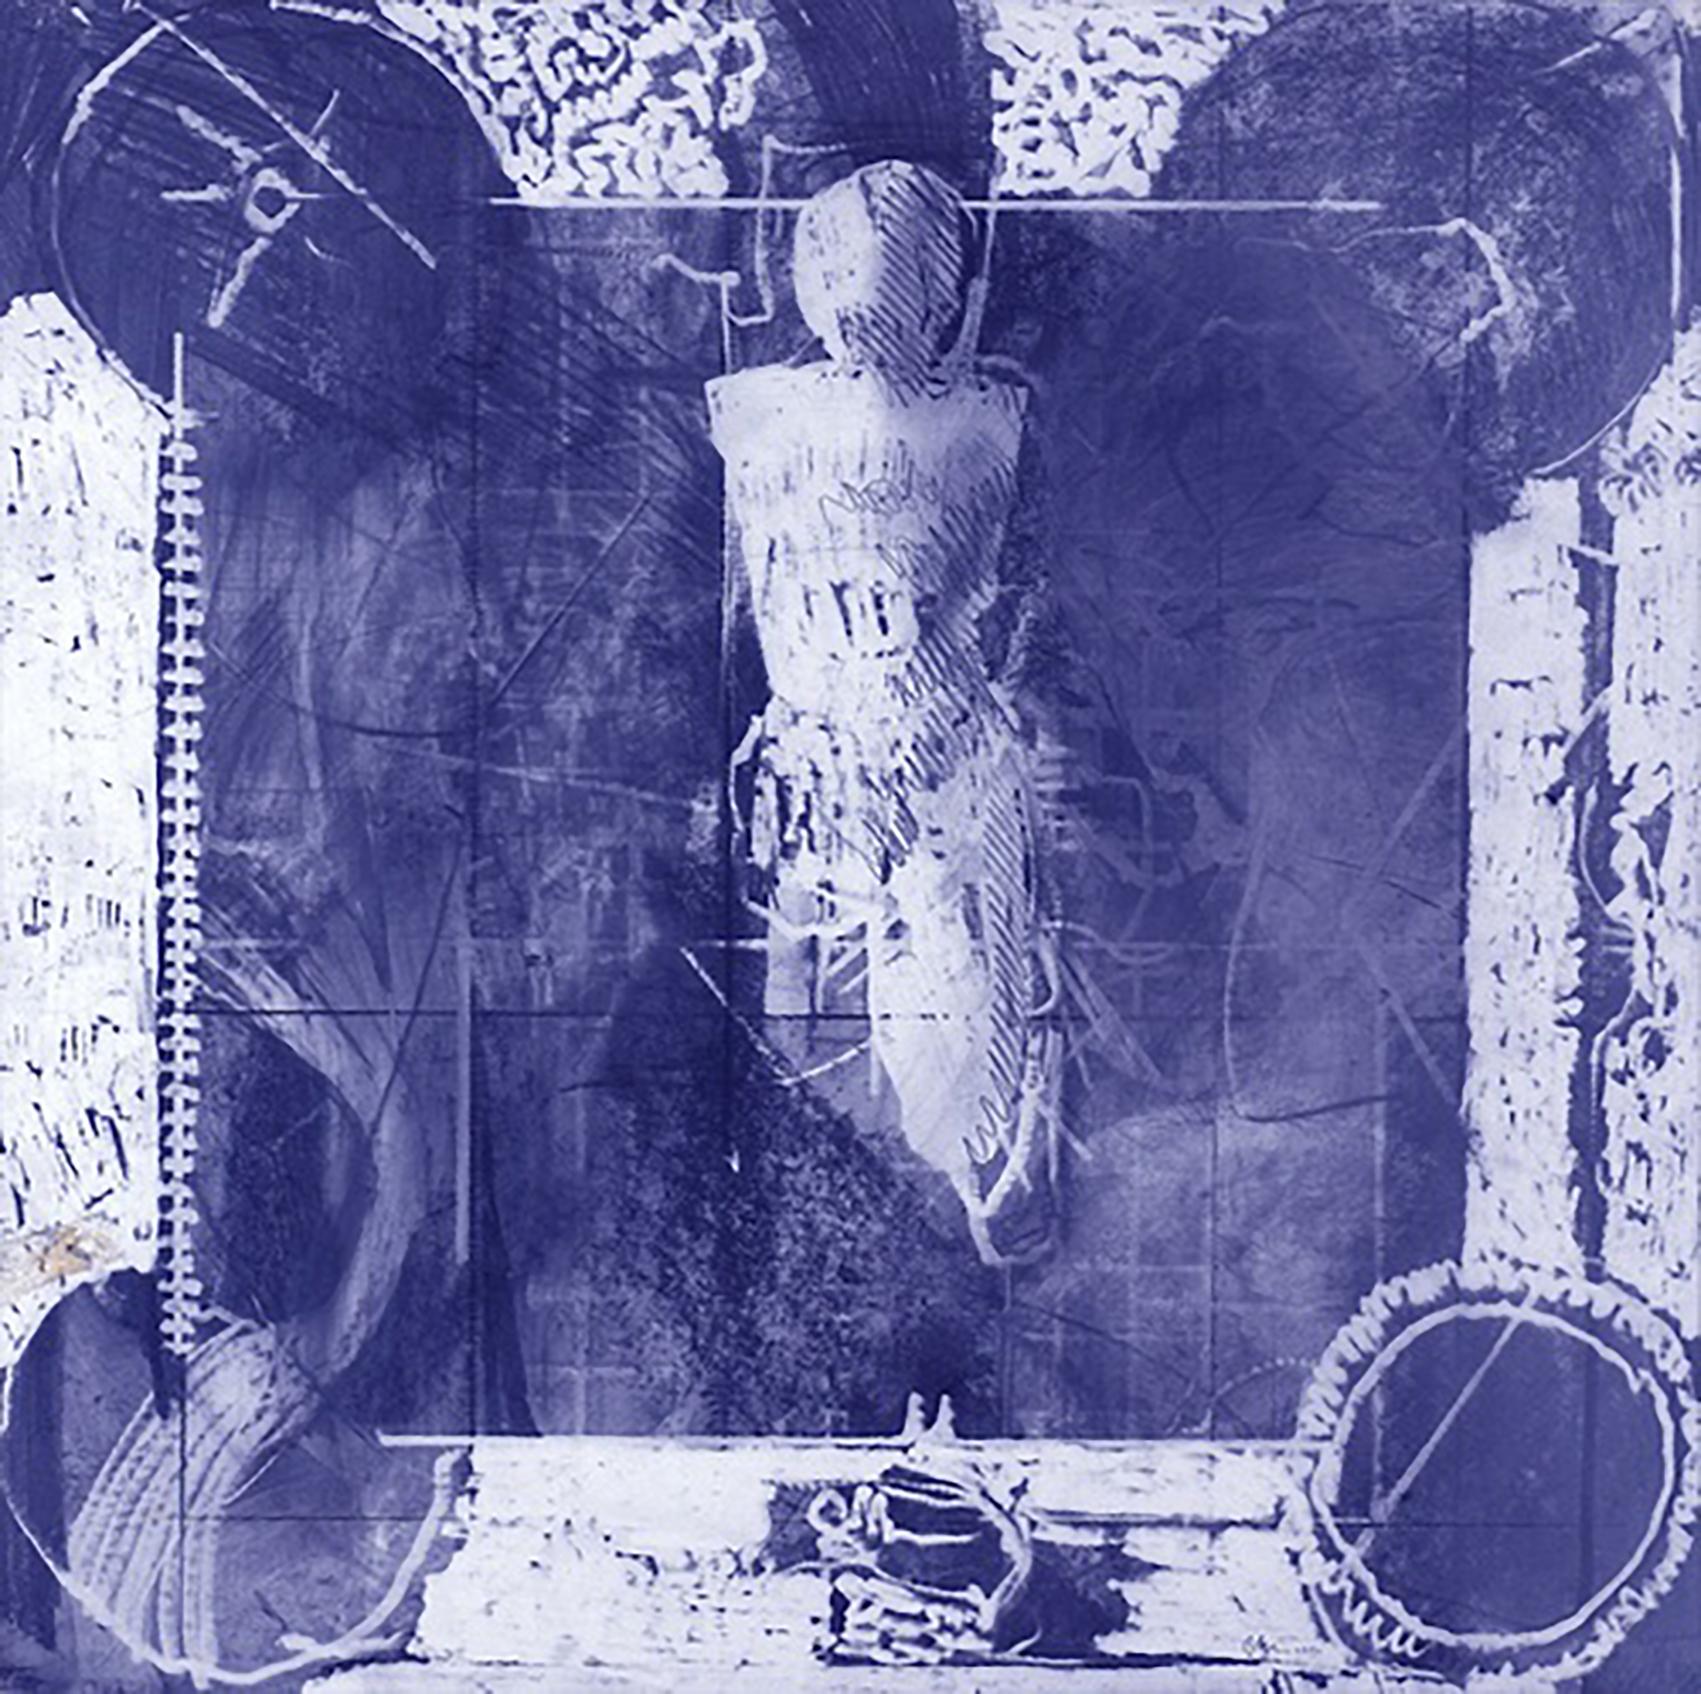 ESTUDIO DEL HOMBRE MICHELINE (MICHELIN MAN STUDY), 1986